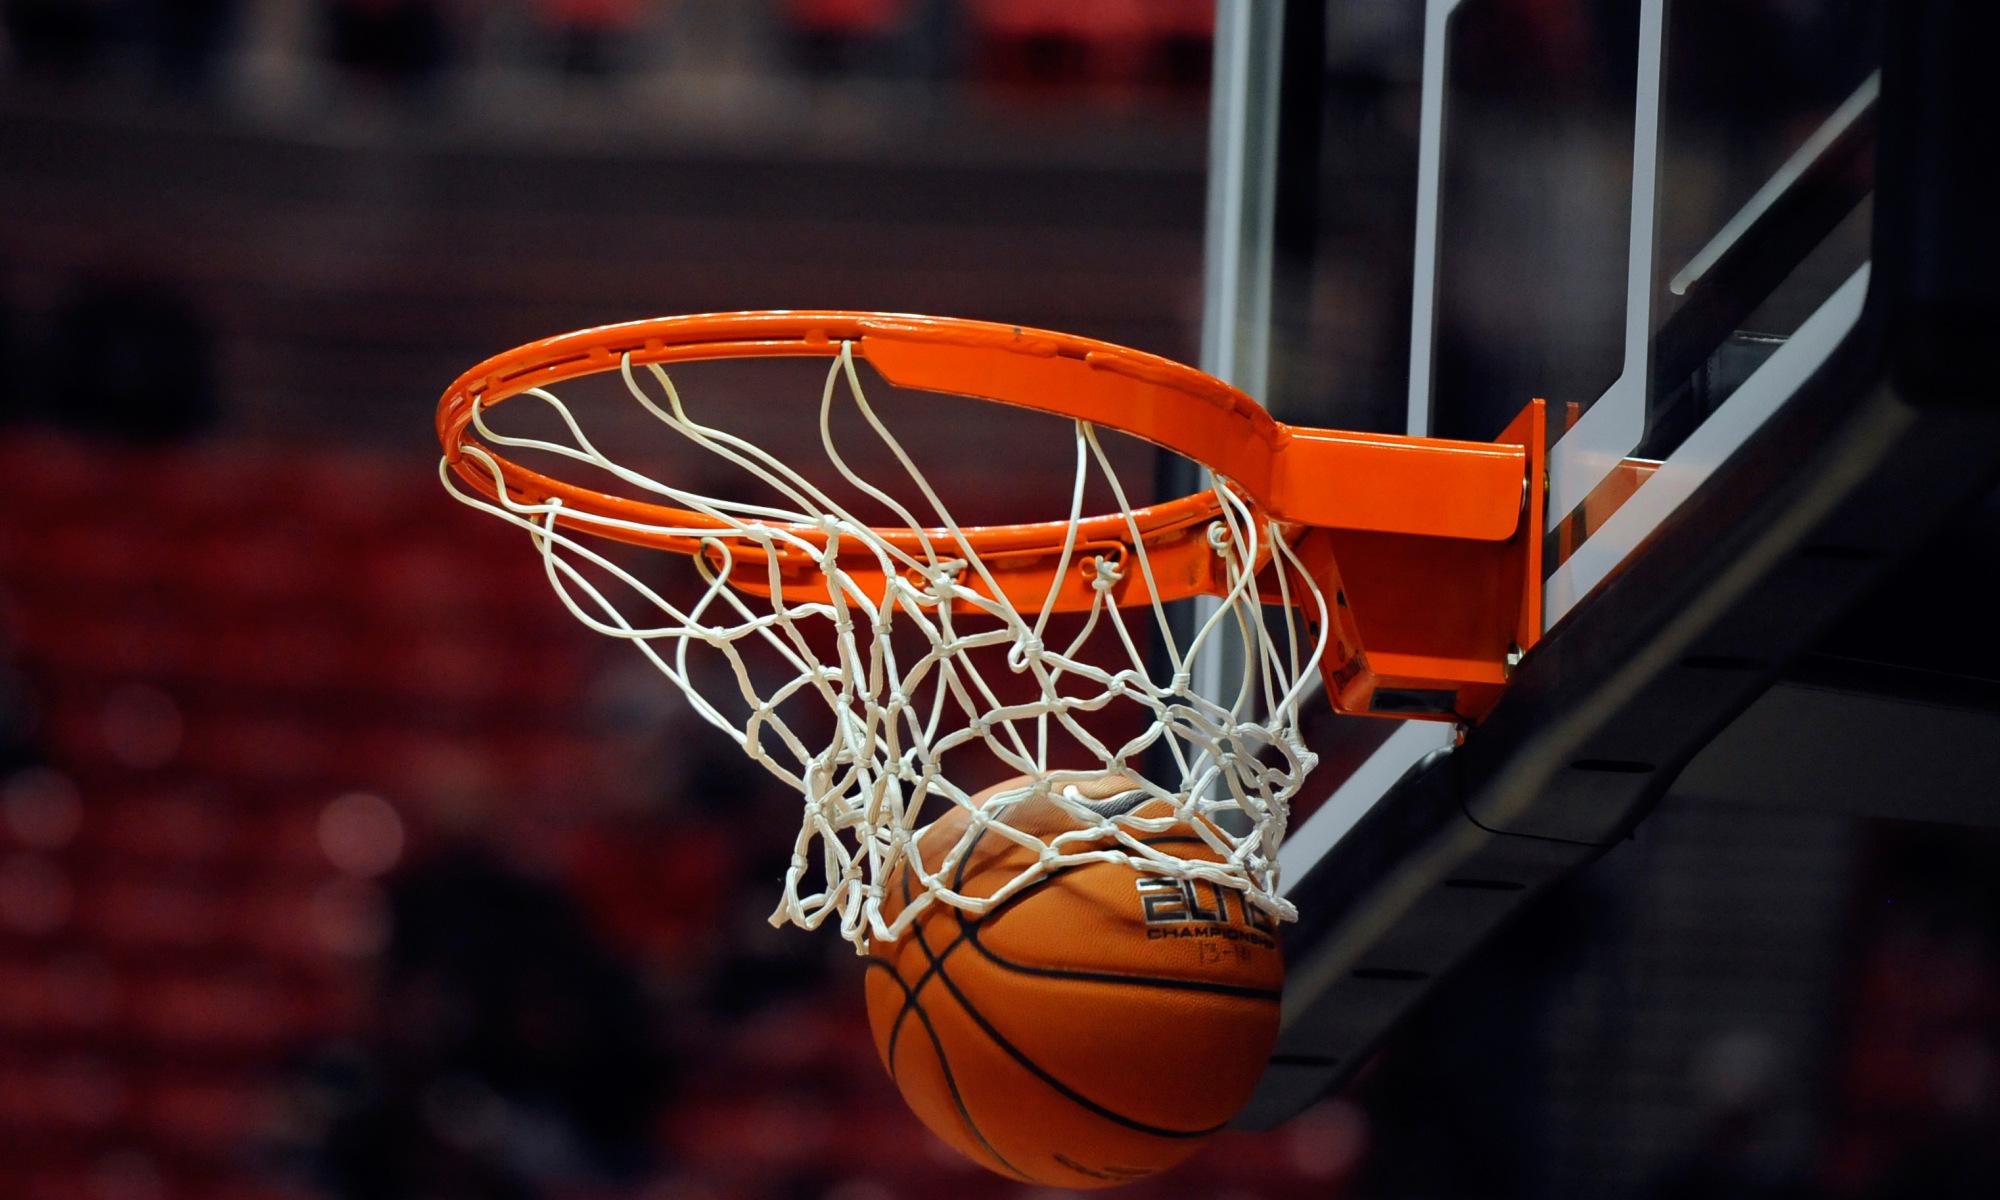 Μπάσκετ : Το Σαββατοκύριακο των ντέρμπι για τον ΑΡΗ